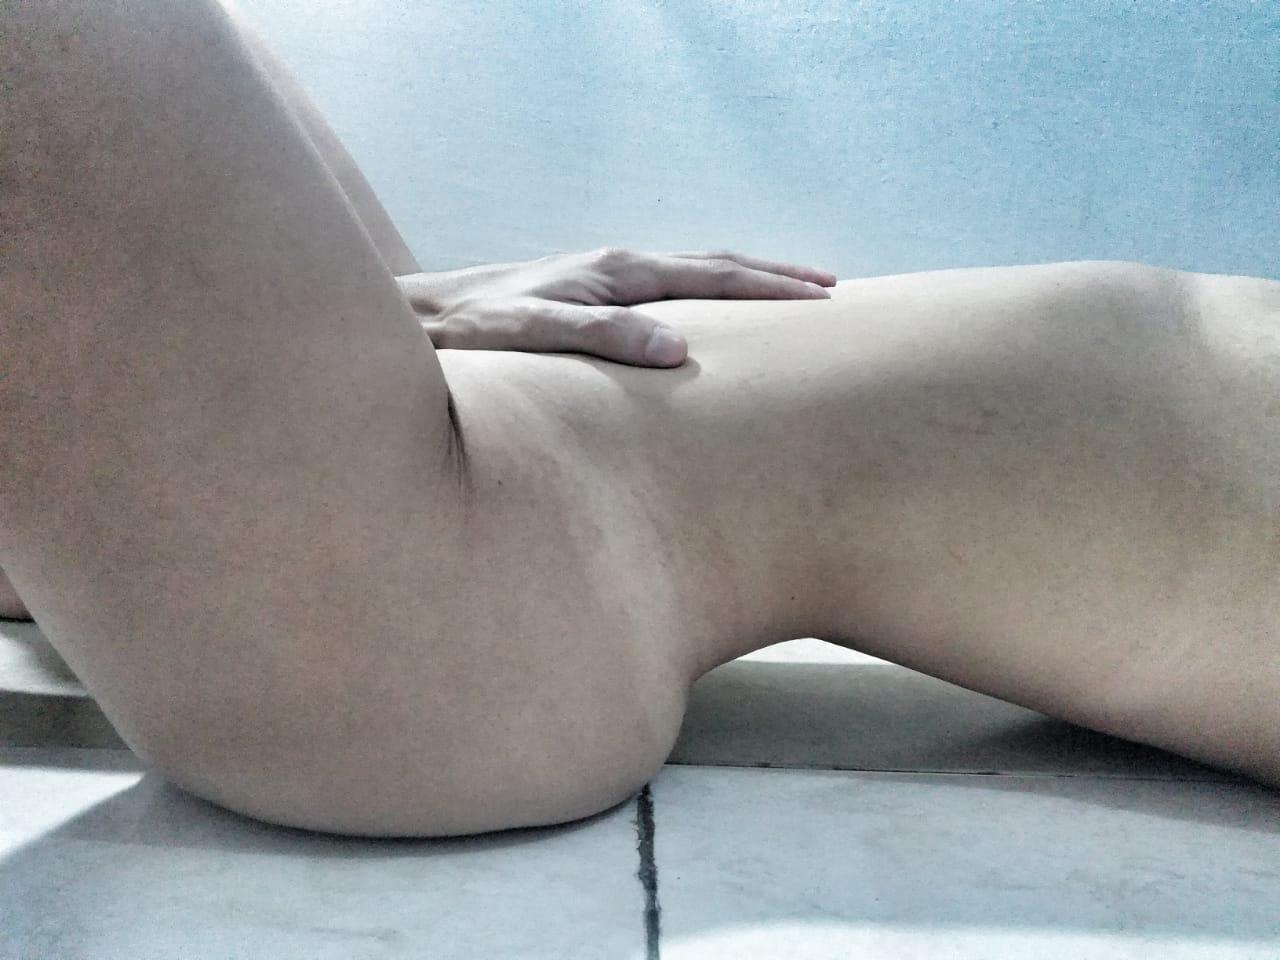 Sex horny?s=abgmhrrdwm05m7nbyarrqx88acz2sopf6bz5v90jimq=